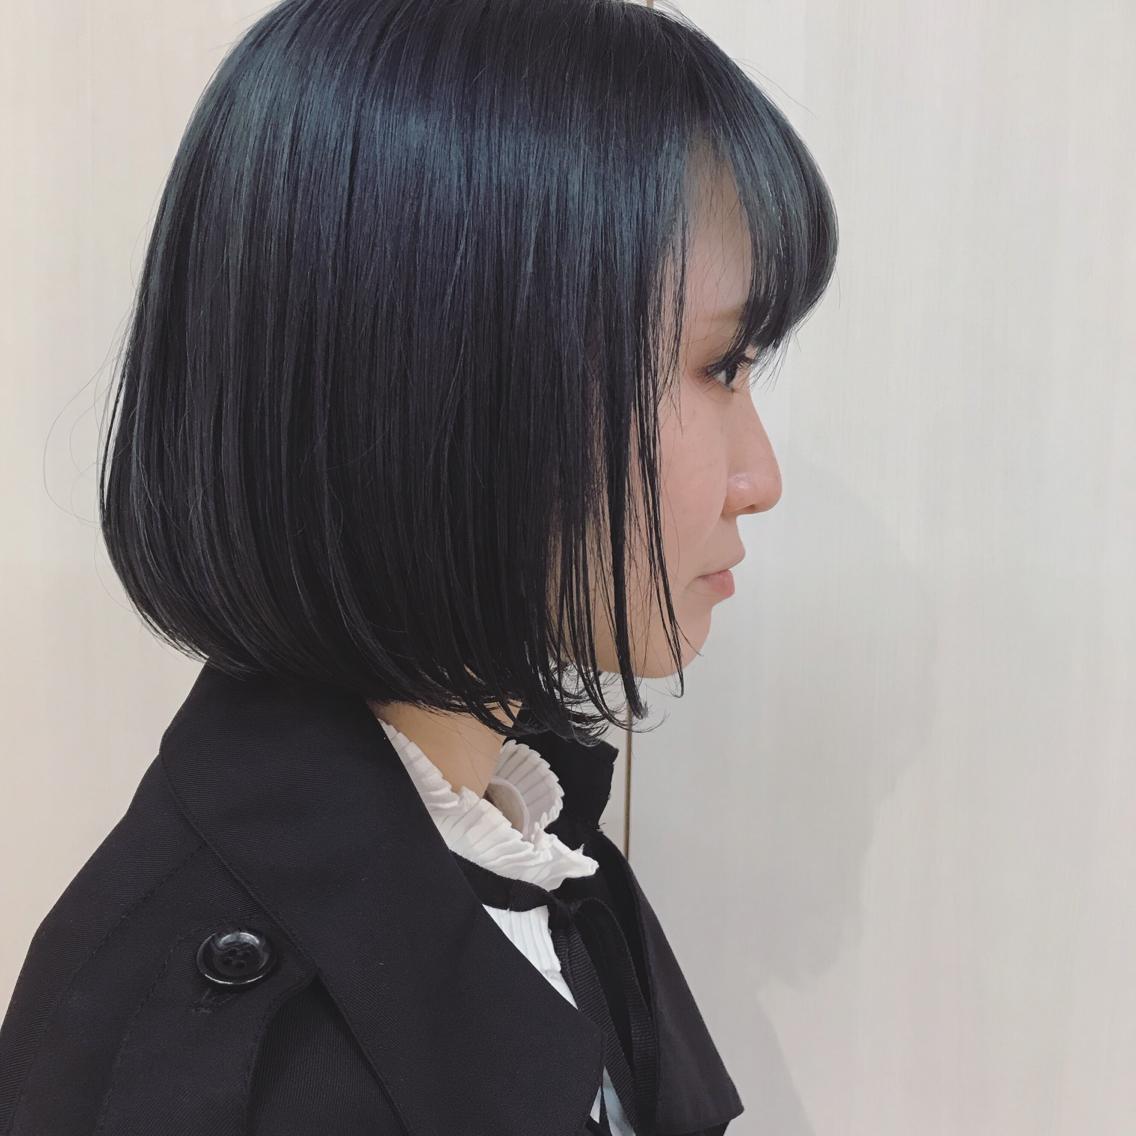 #ミディアム #カラー ブルーブラック 🦋 黒い服が多い方におススメです◯  ケアブリーチで綺麗な髪の毛保ちましょ ❤︎